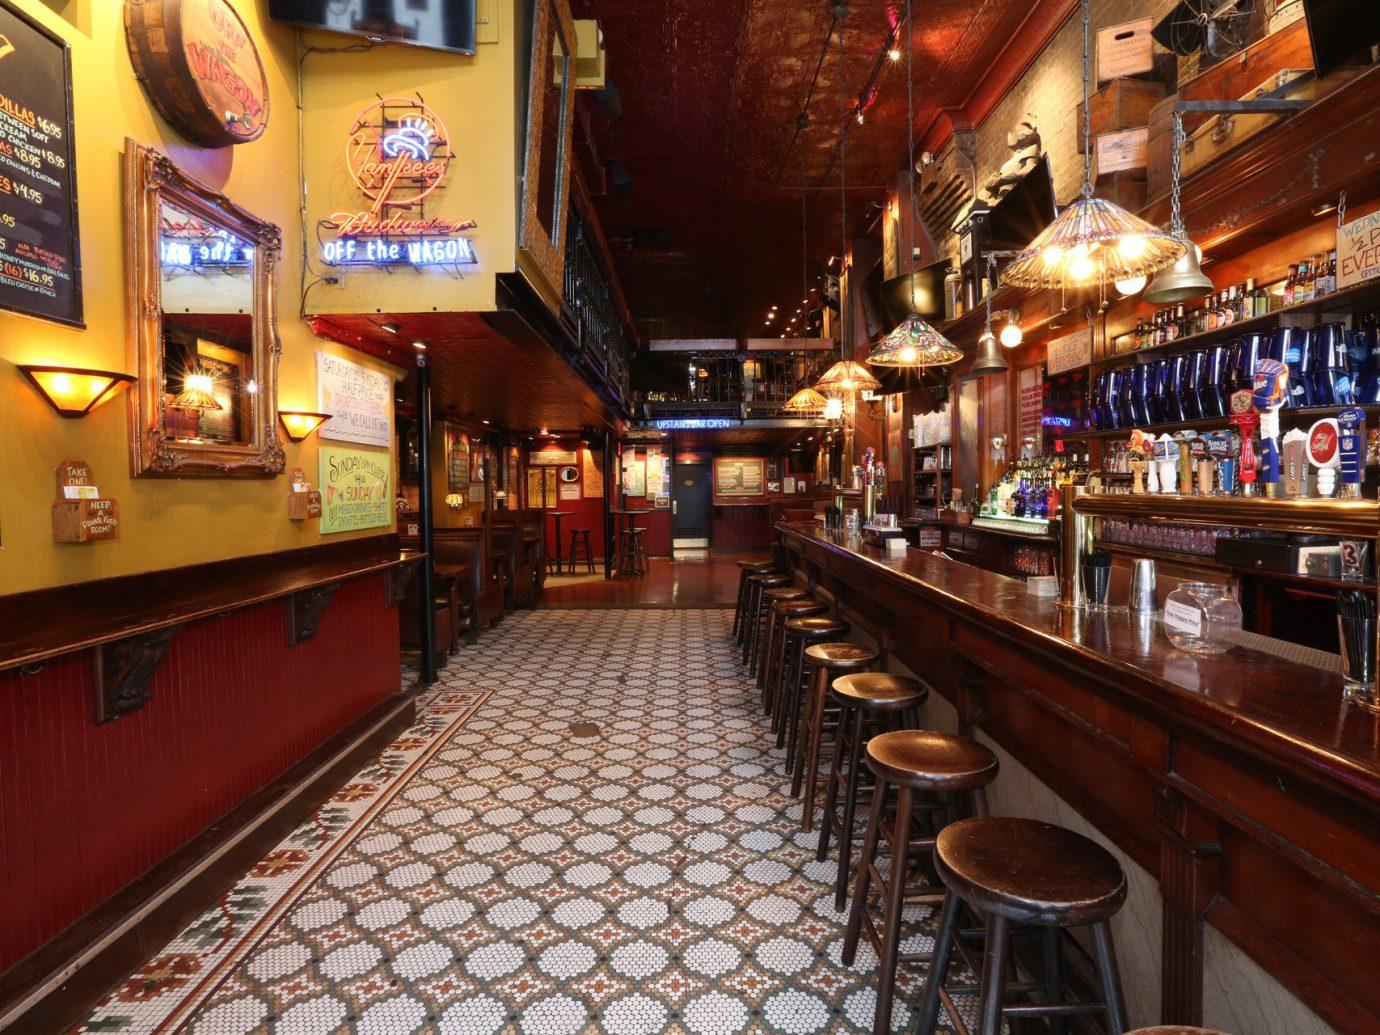 Budget indoor floor building Bar restaurant platform